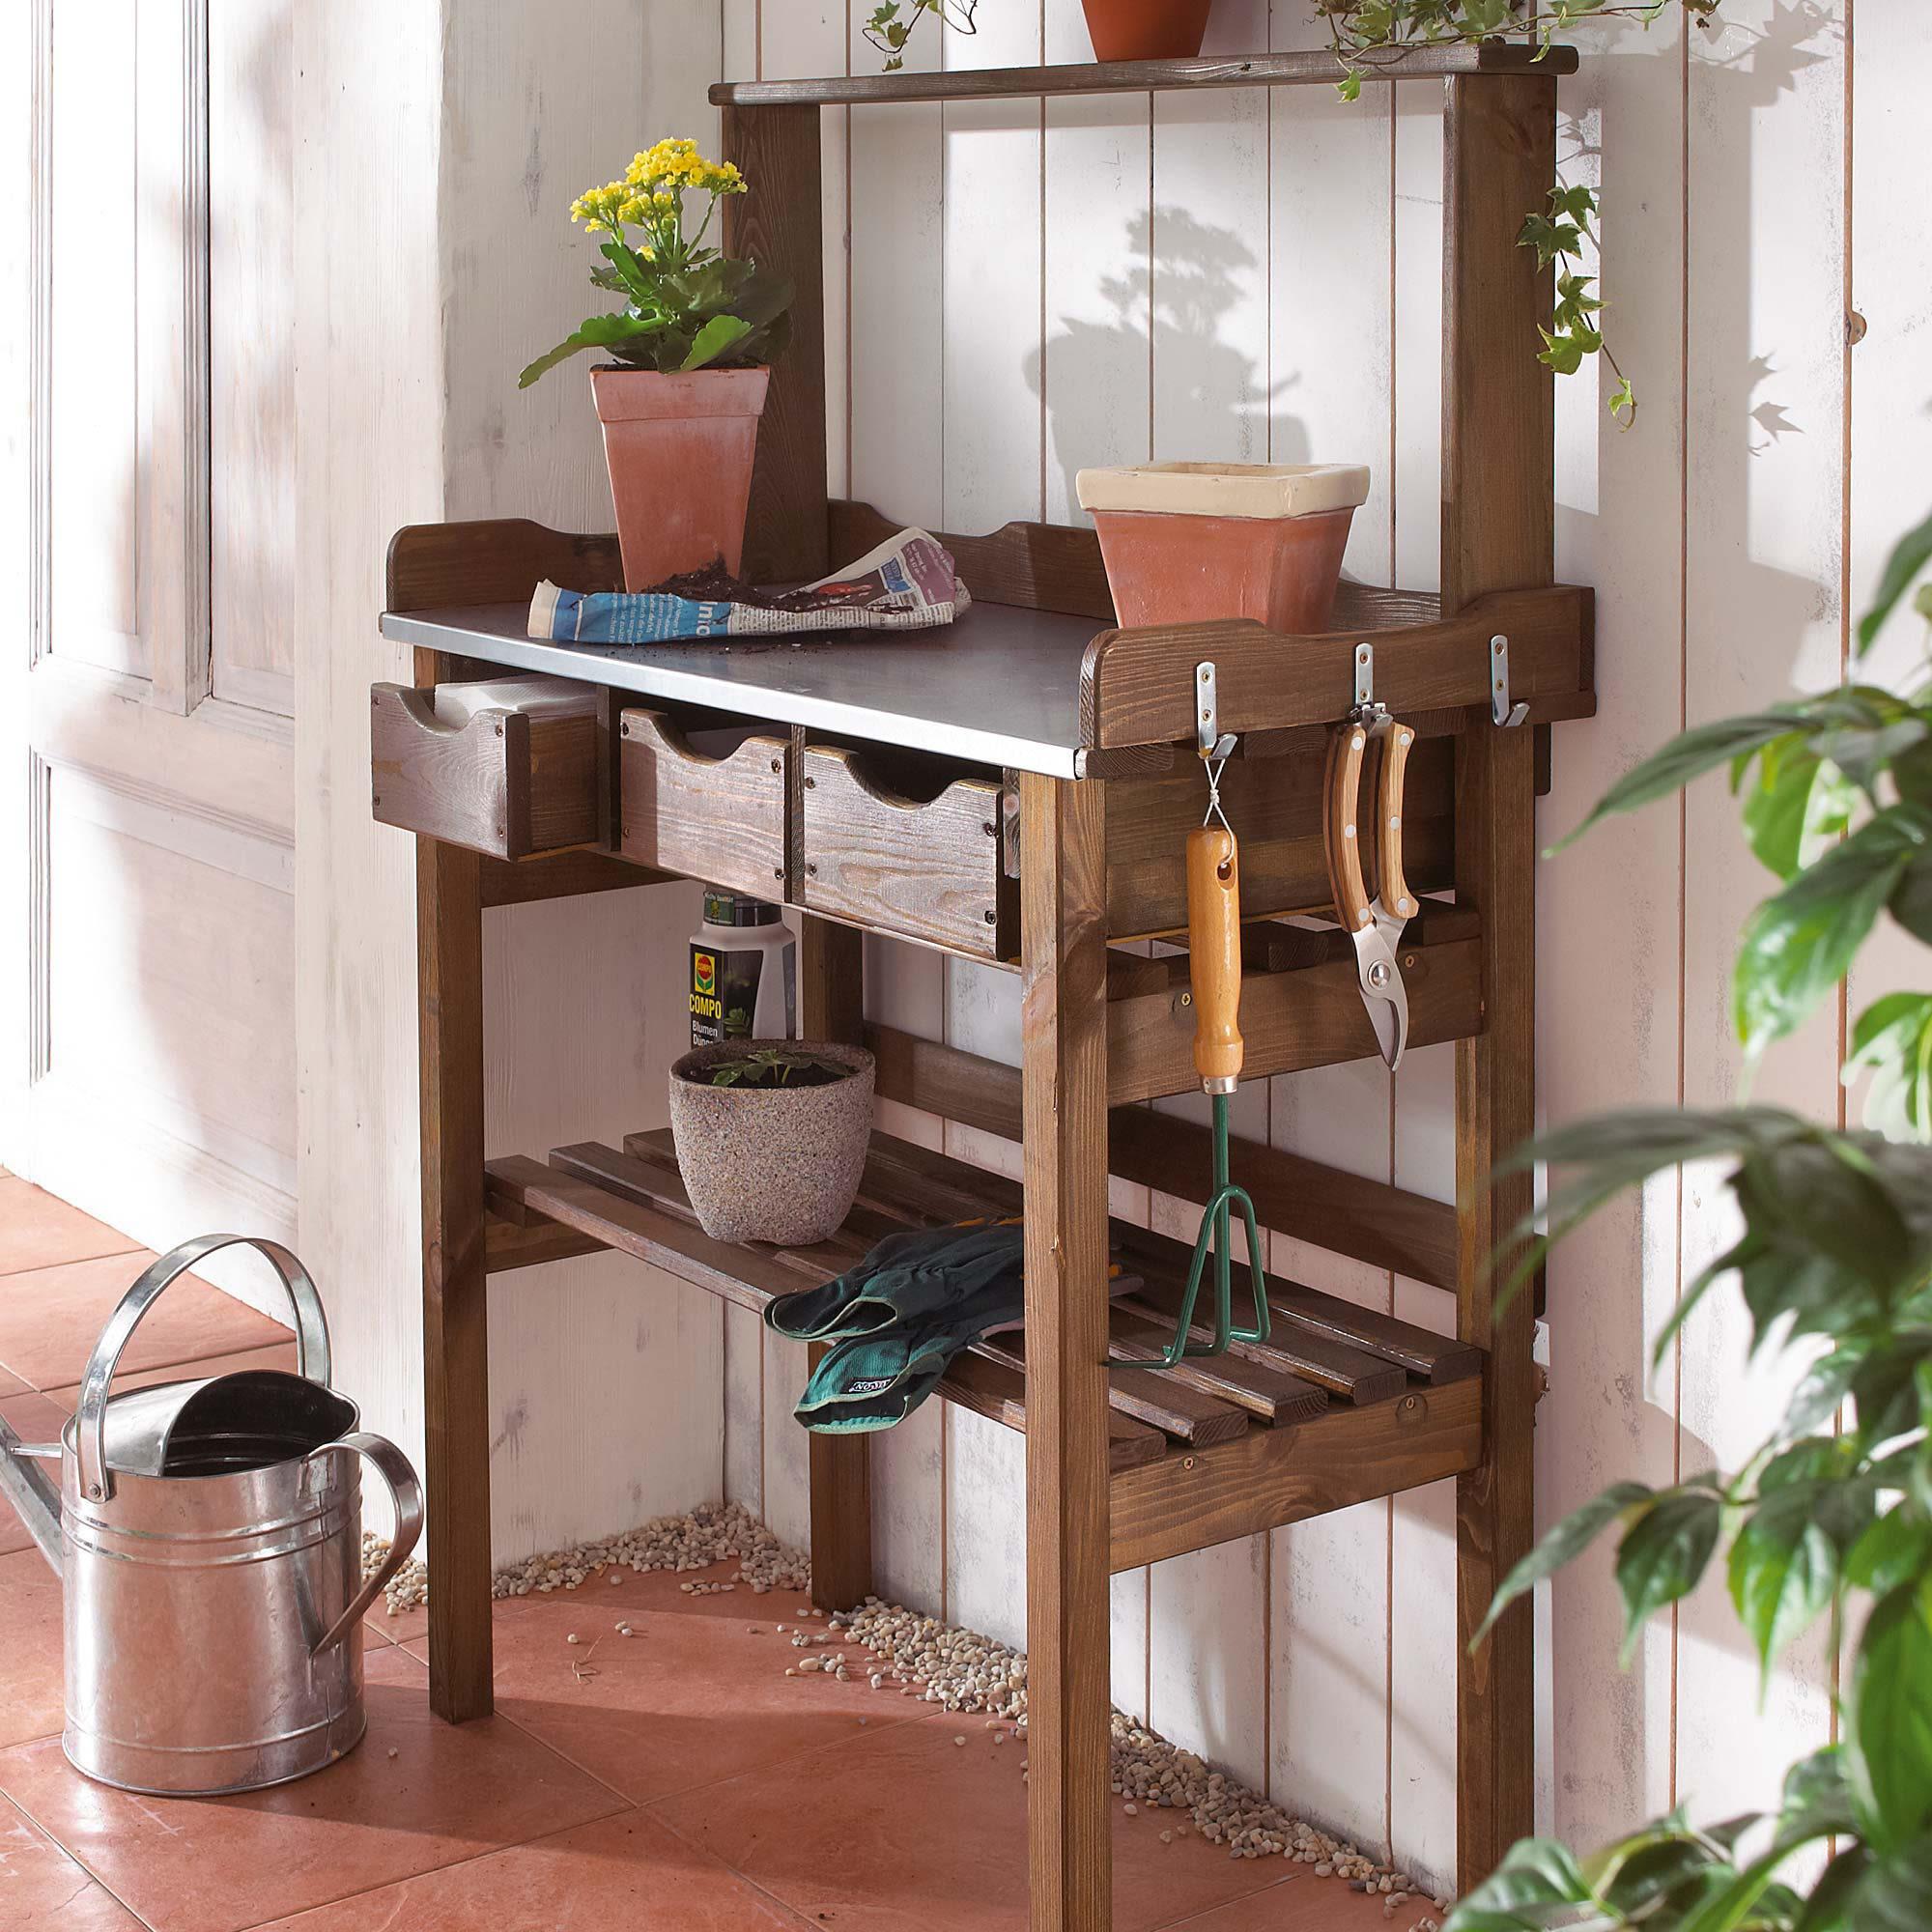 garten-arbeitstisch, aus holz und metall, verzinkte metall